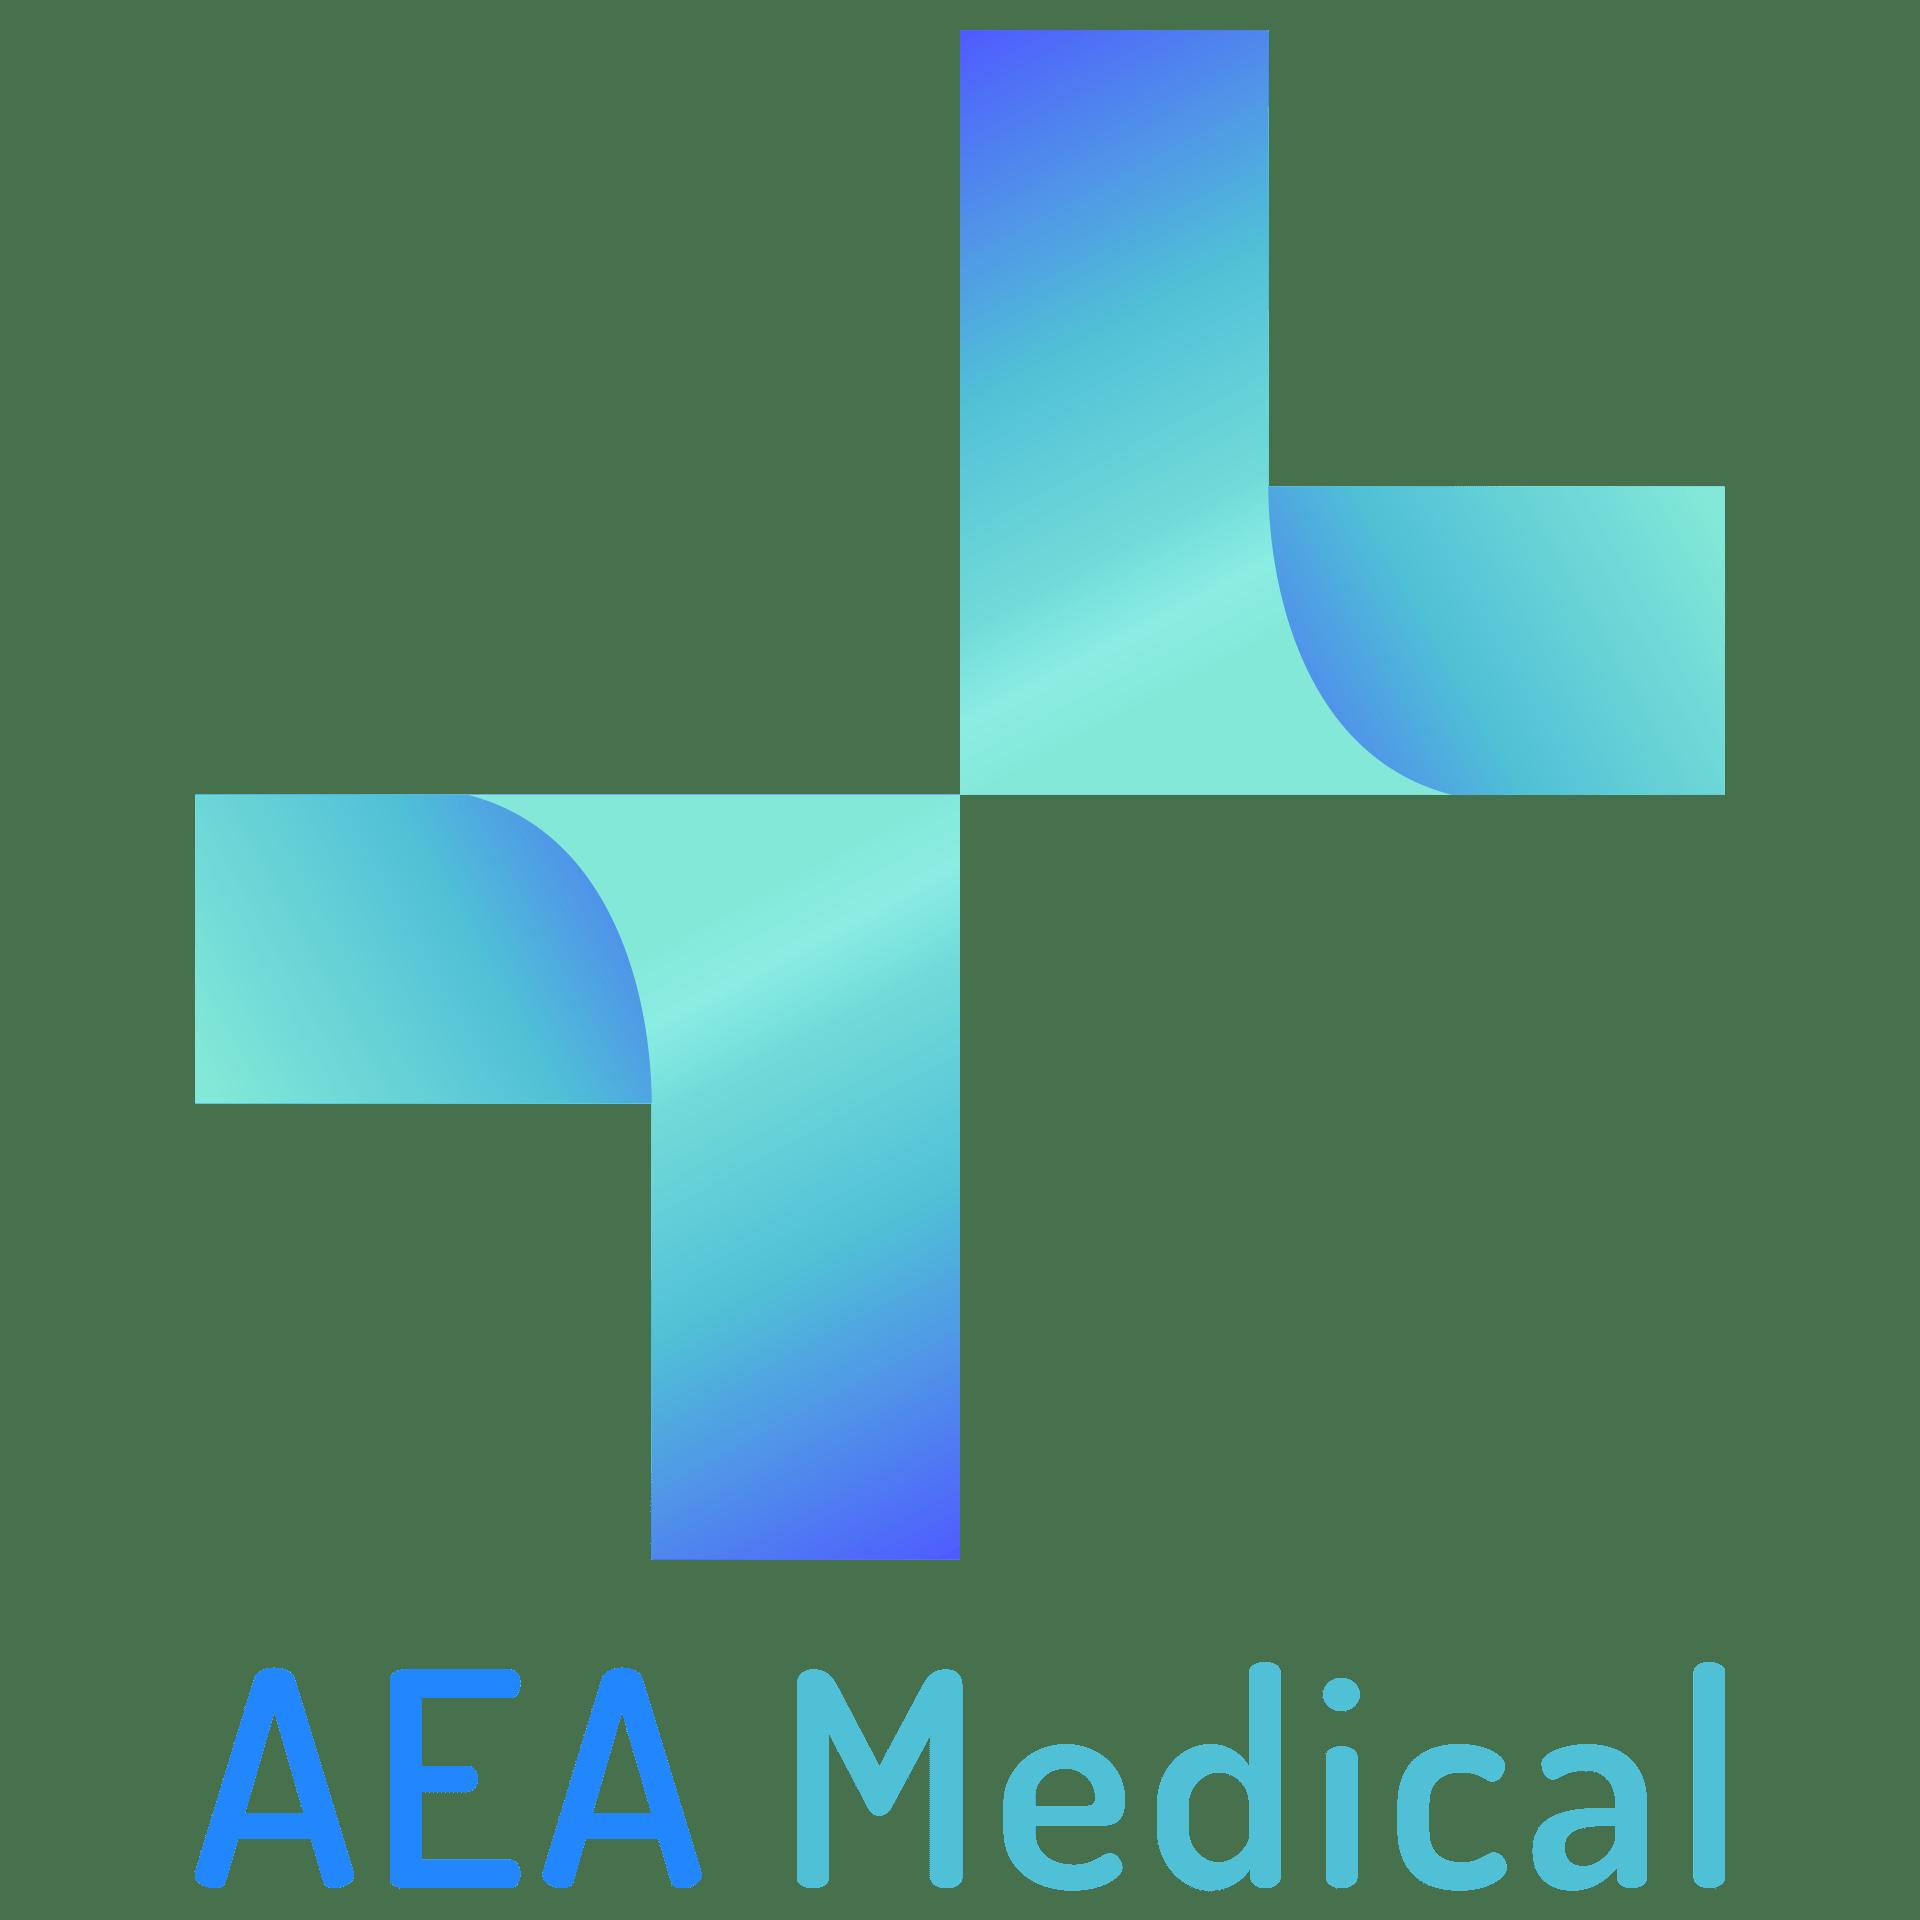 AEA Medical